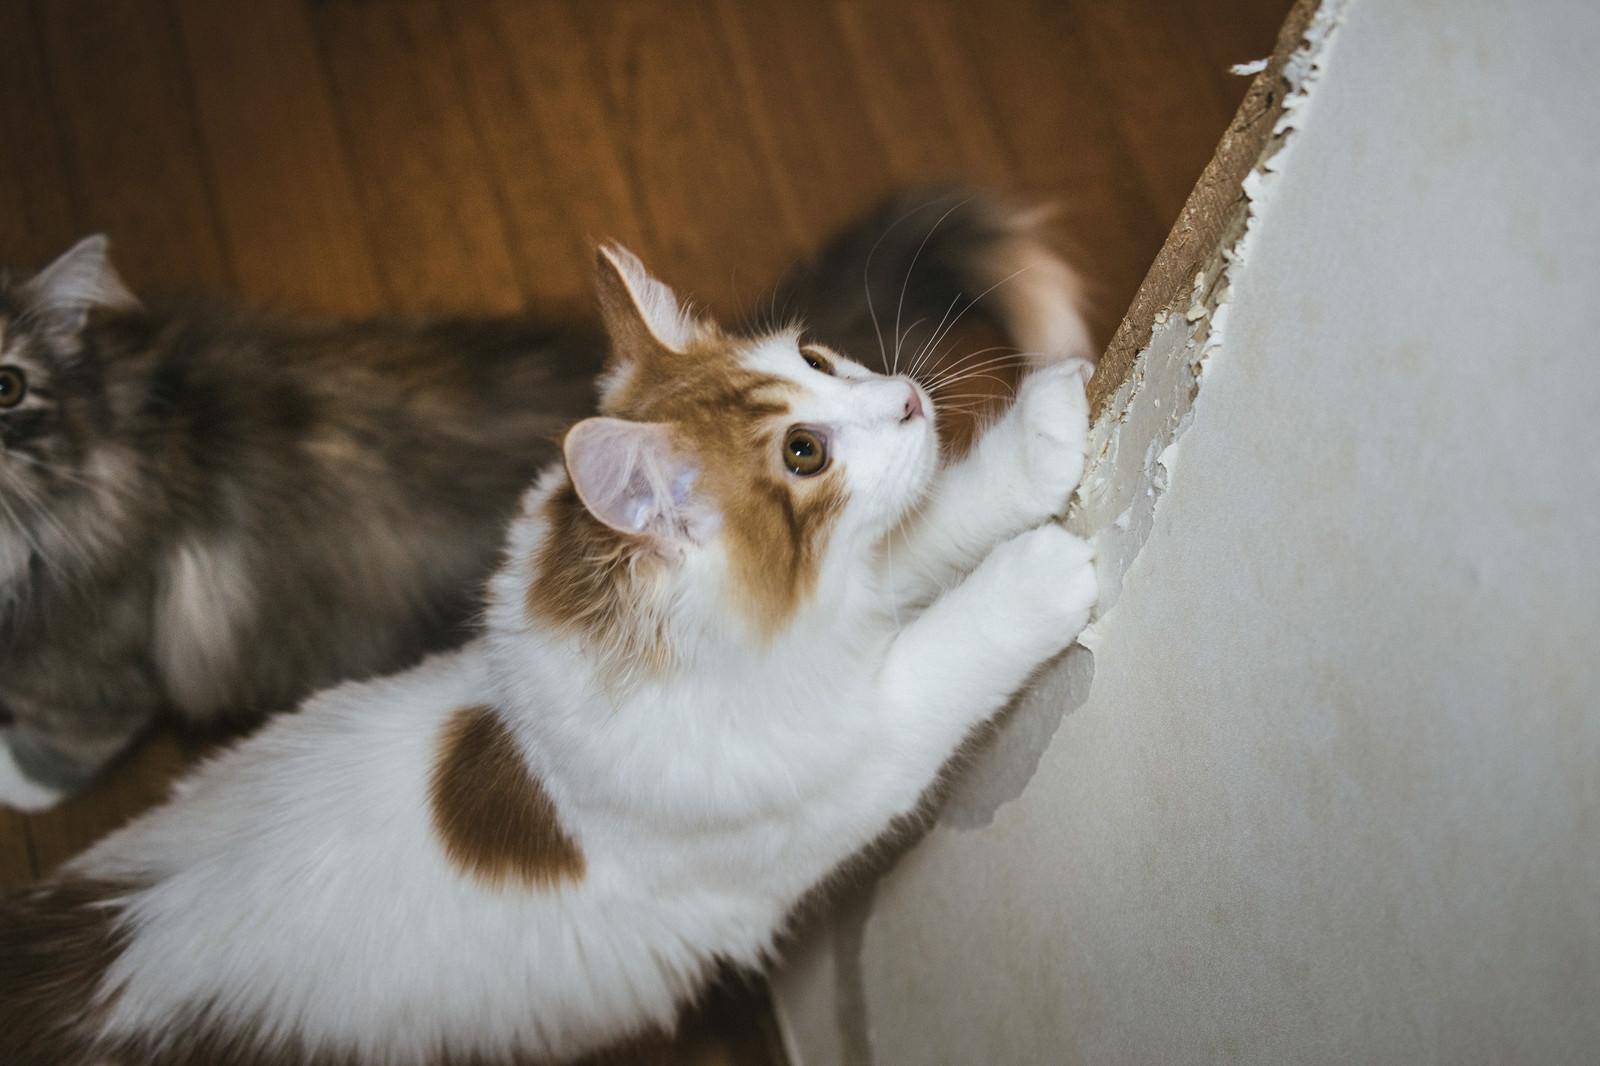 「家の壁で爪を研ぐ猫家の壁で爪を研ぐ猫」のフリー写真素材を拡大